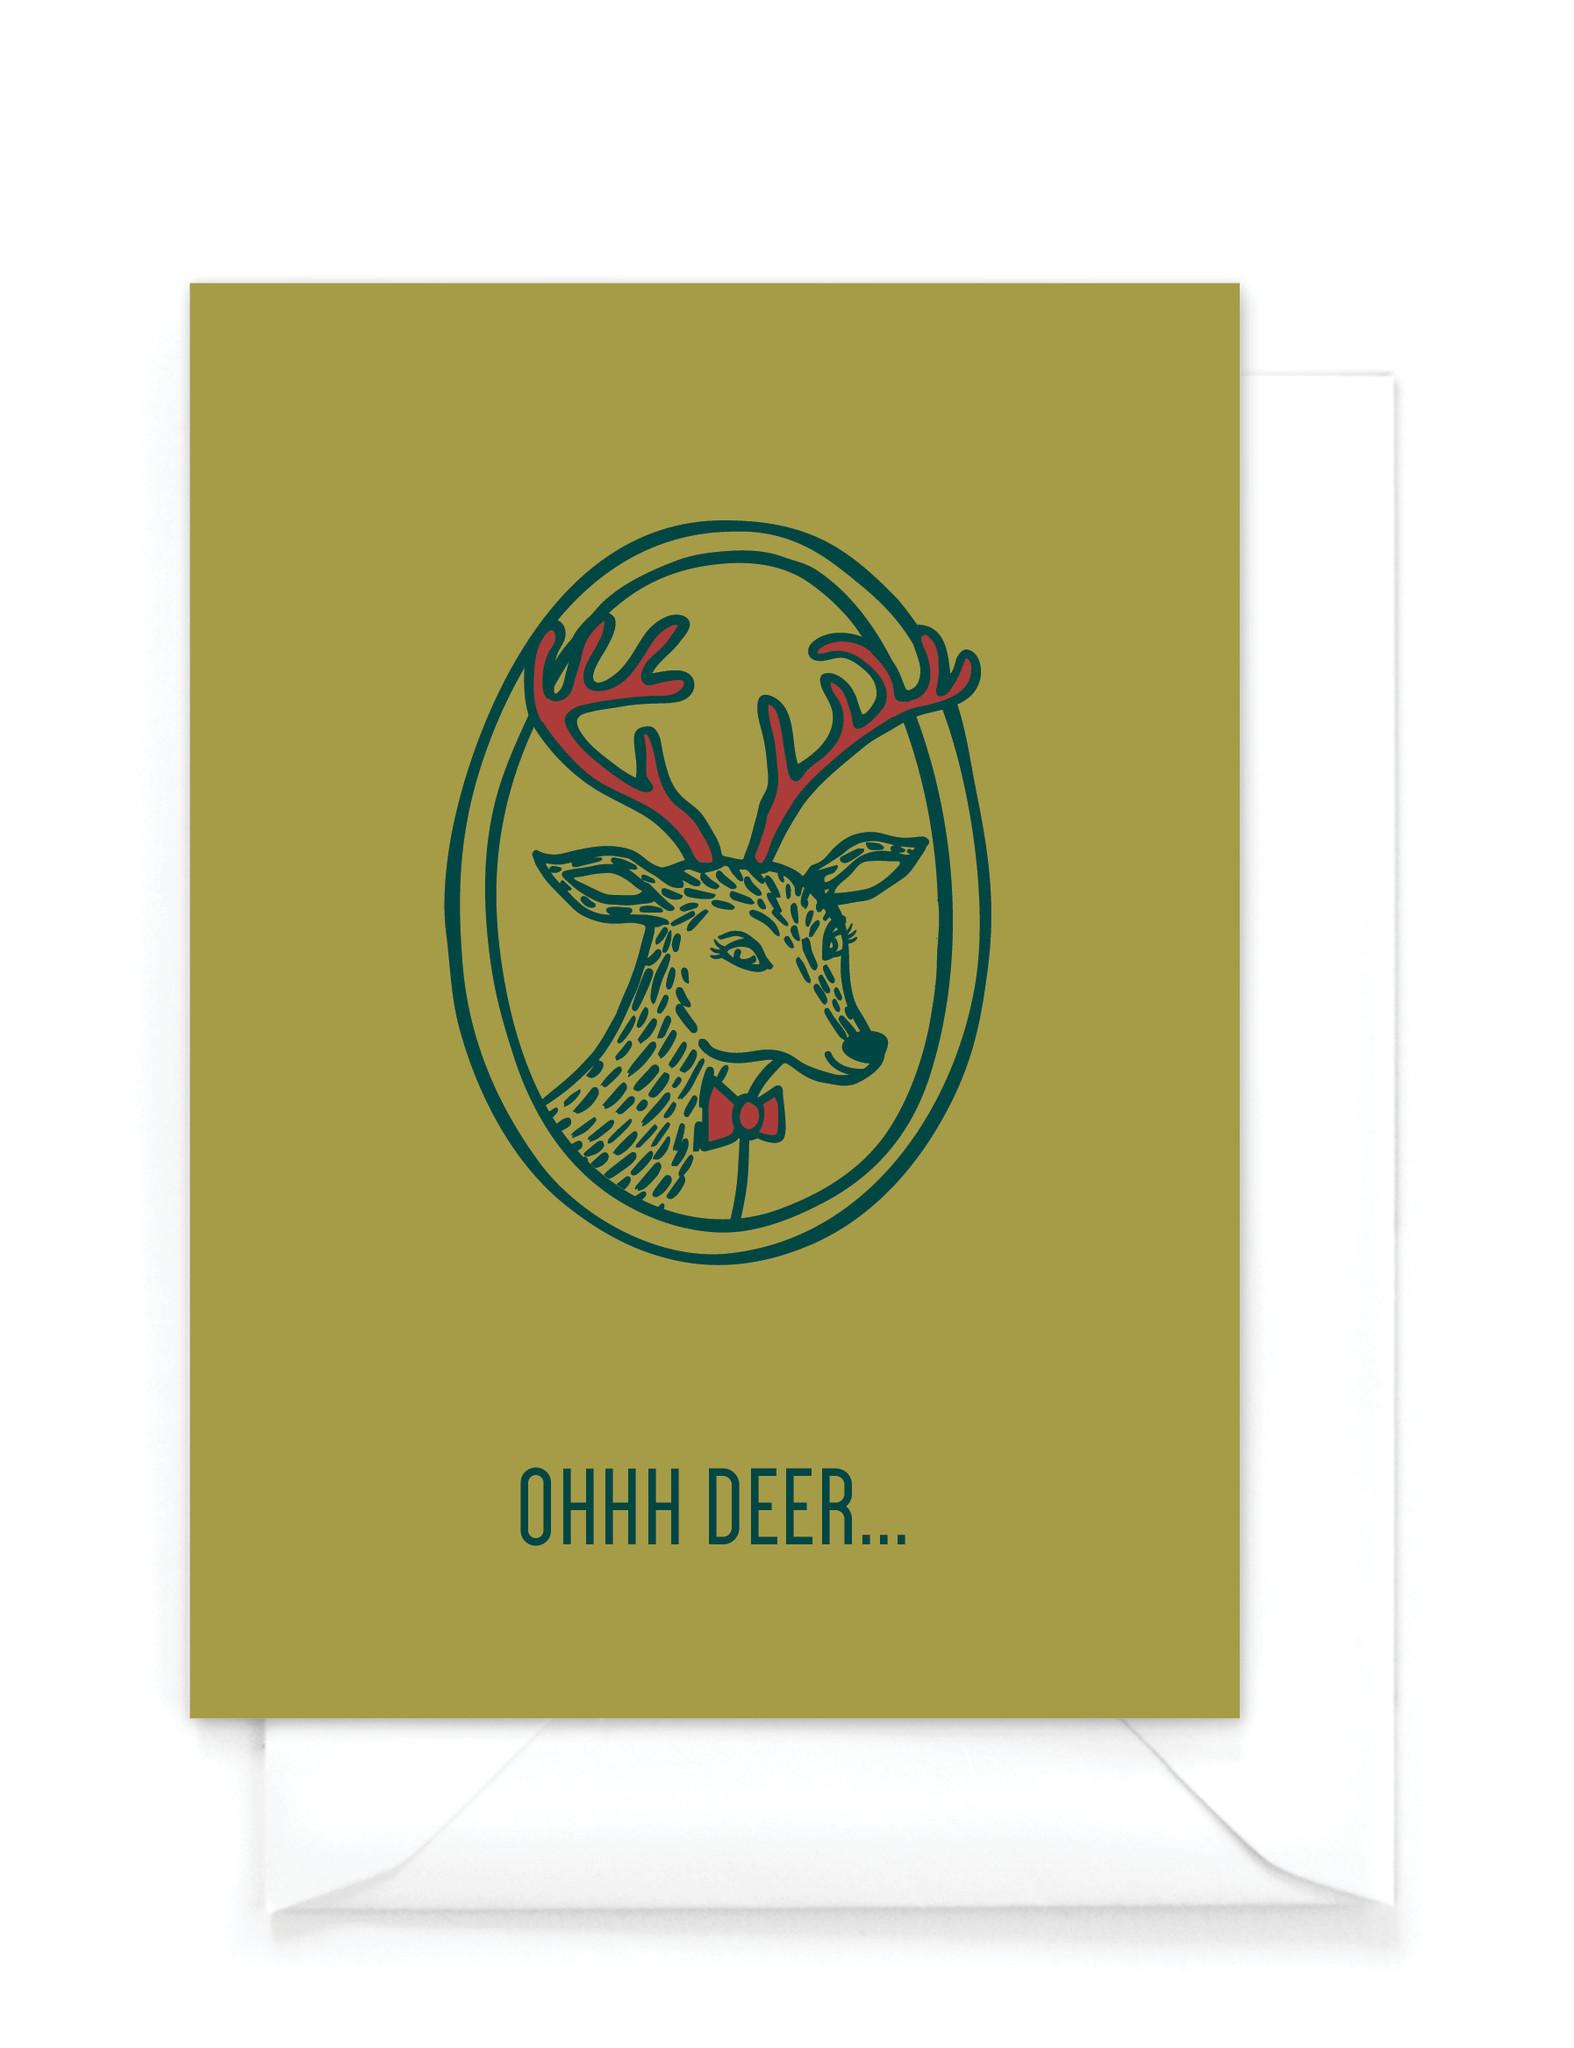 Wenskaart kerst - Ohhh deer